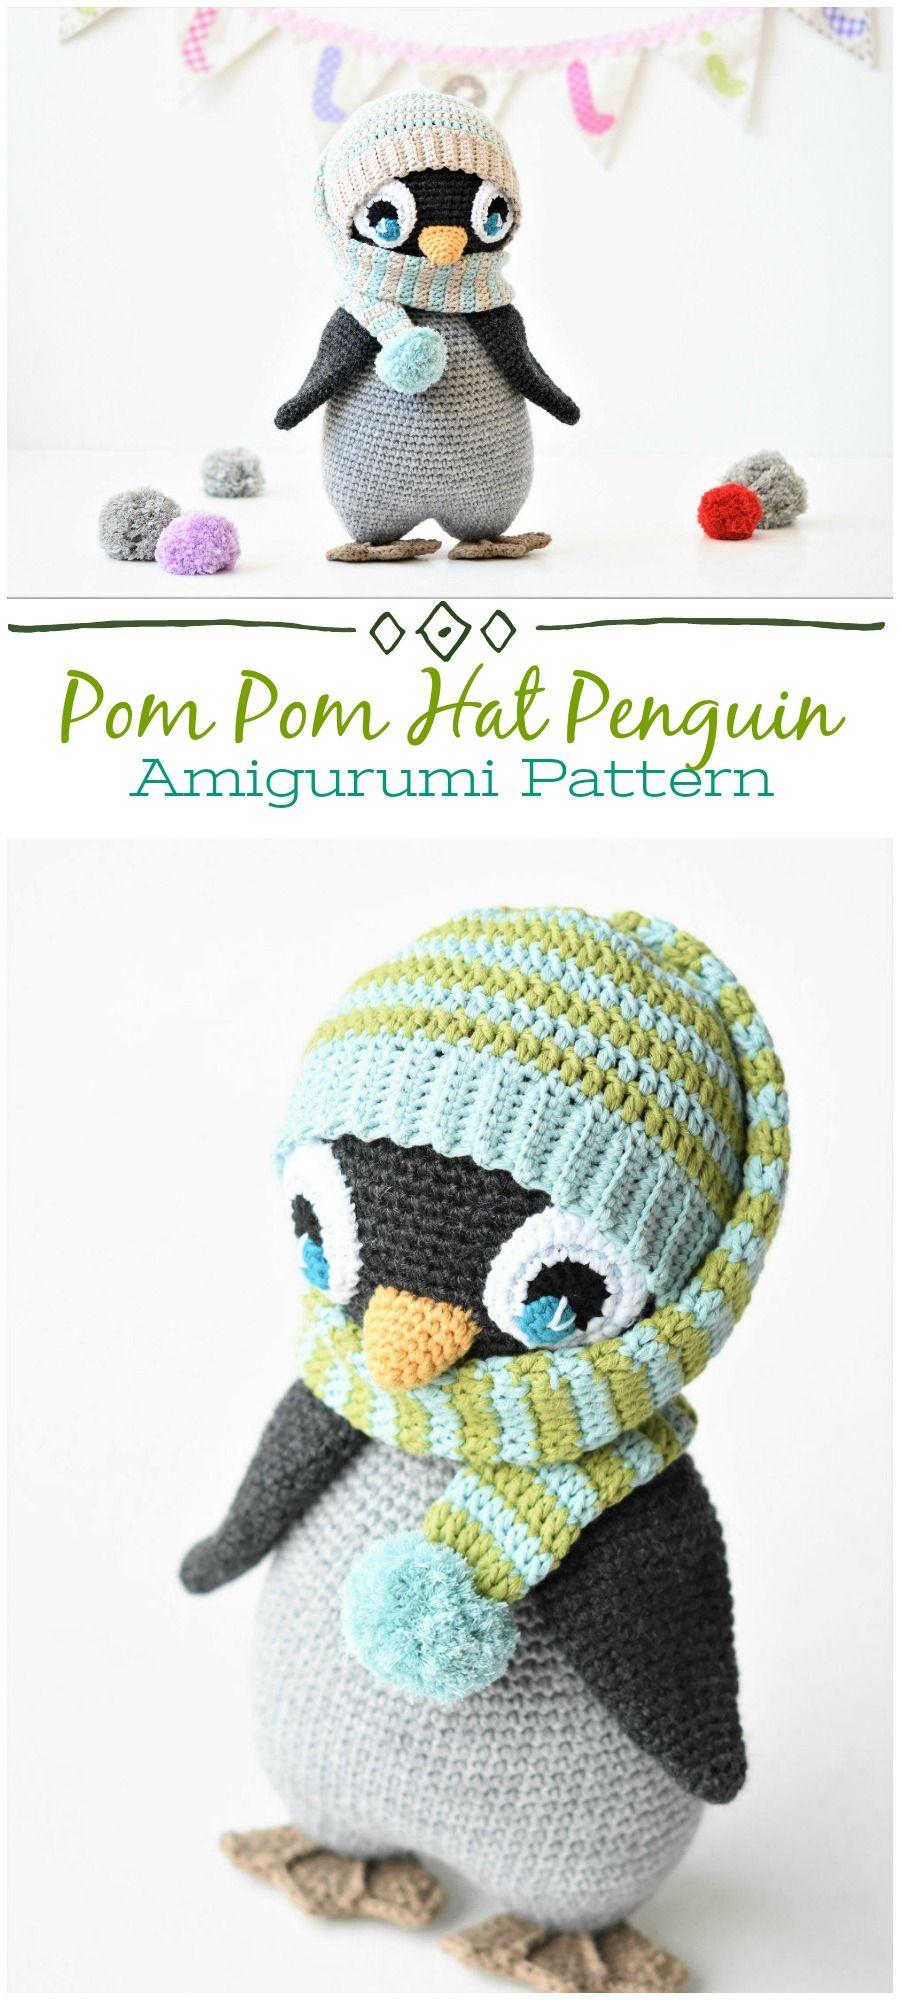 PATTERN - Pompom hat penguin - crochet pattern, amigurumi pattern ...